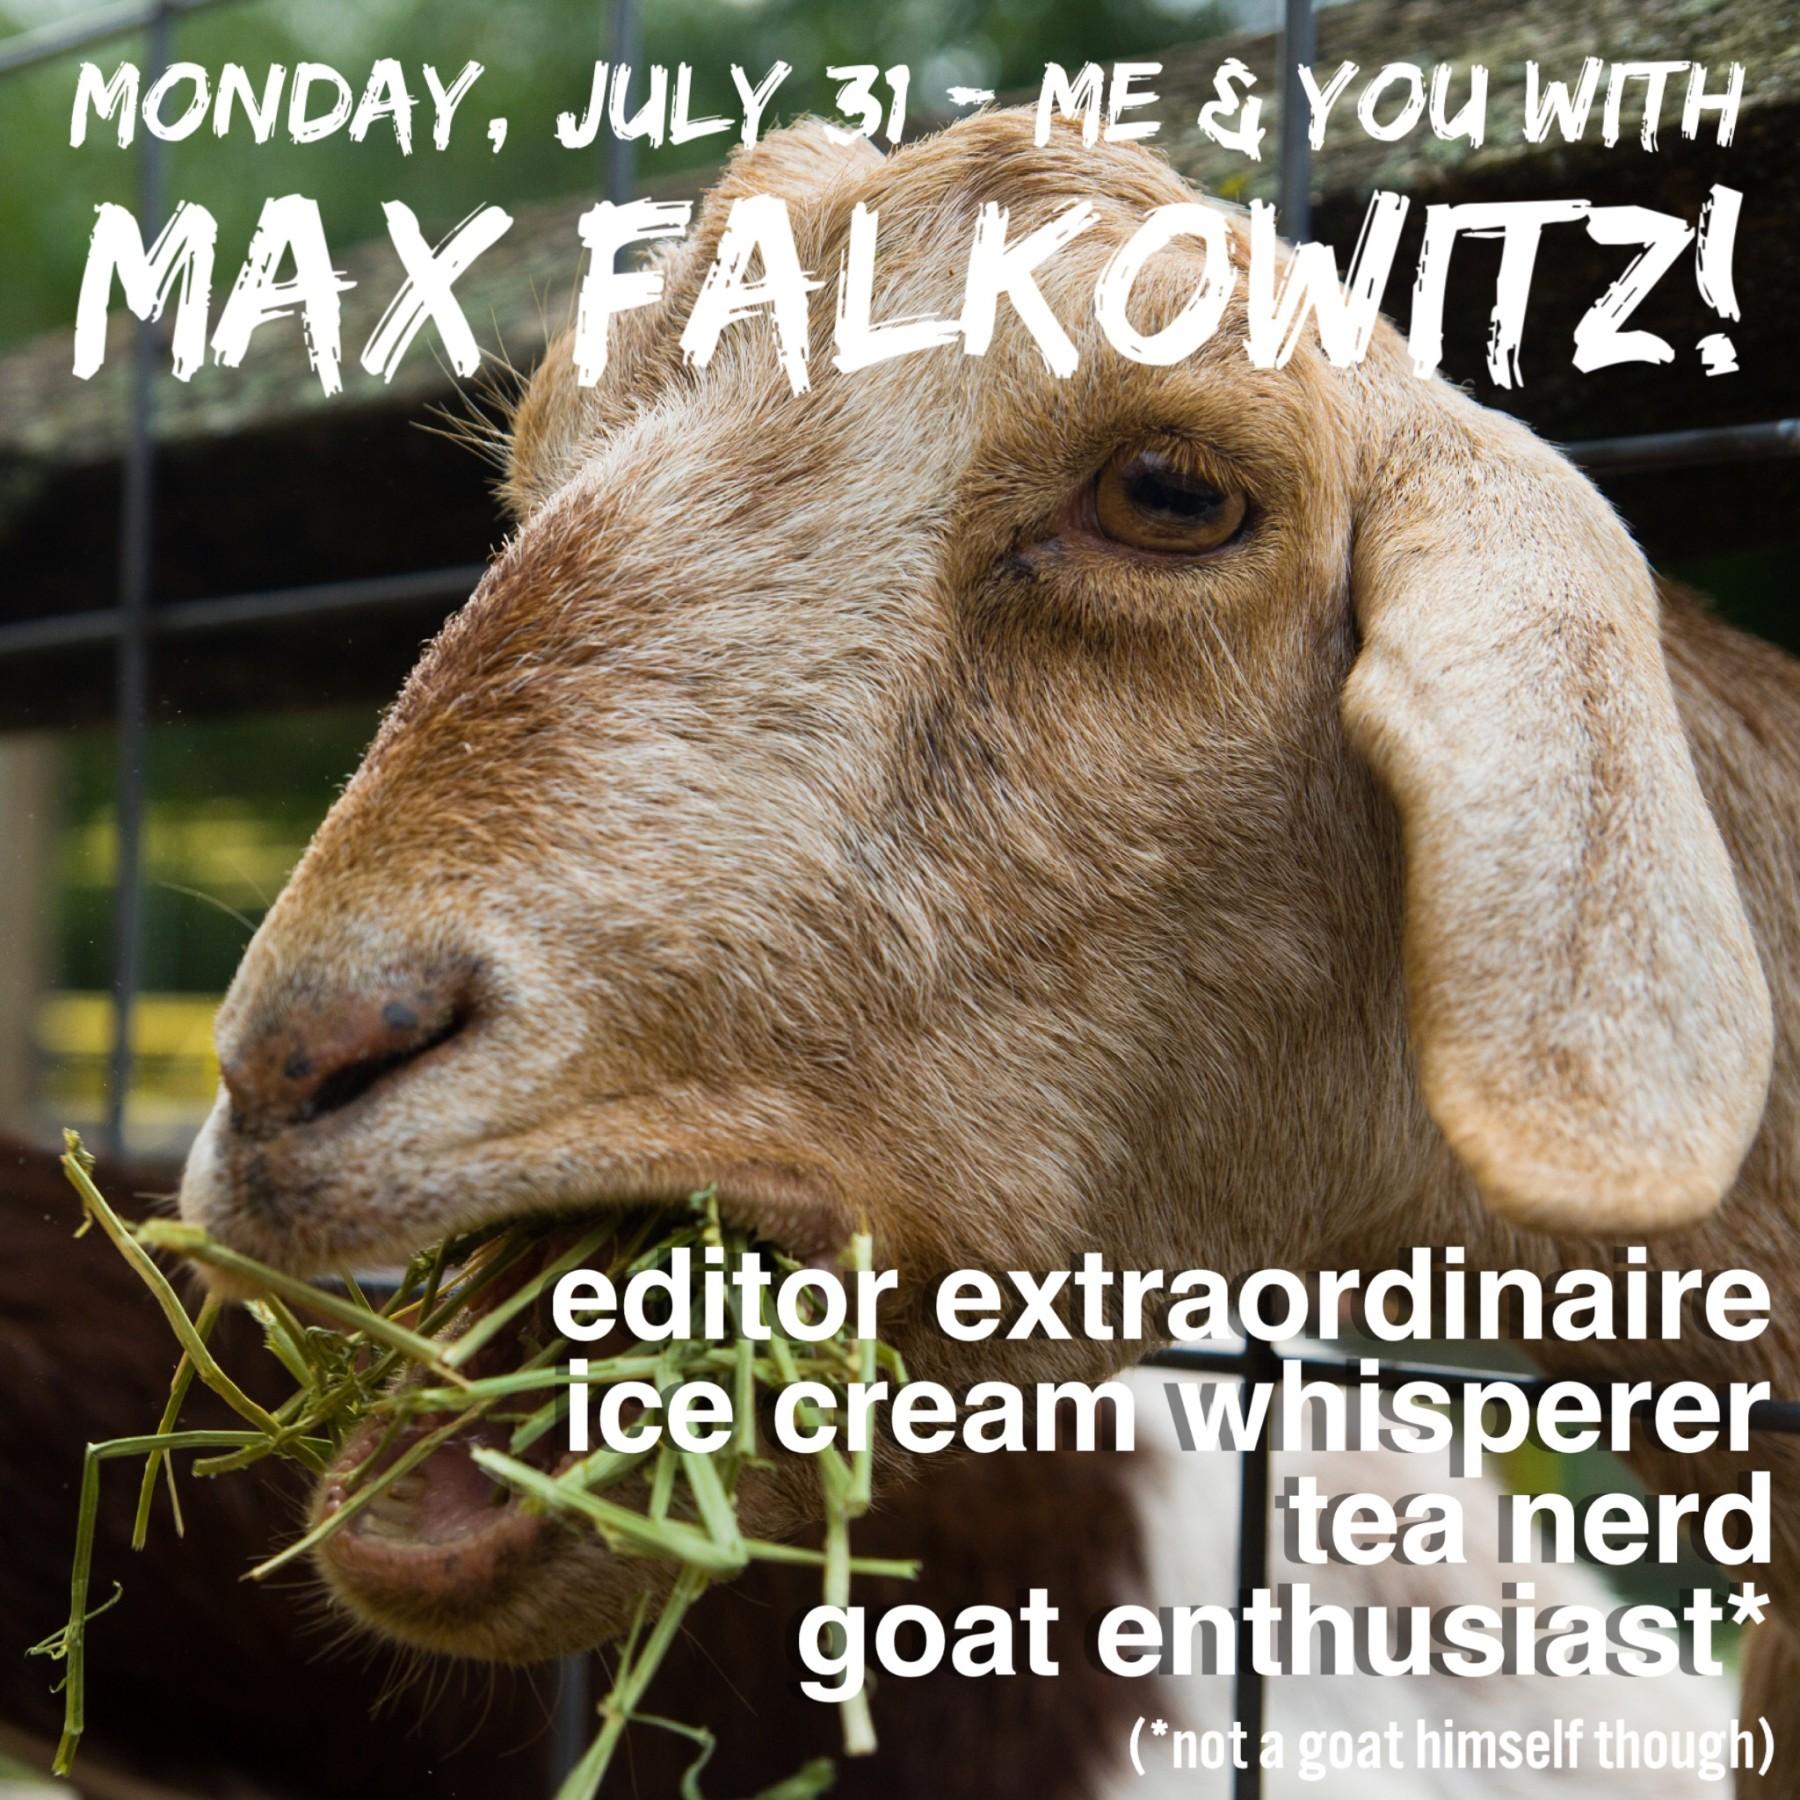 Max Falkowitz Goat photo - USE THIS